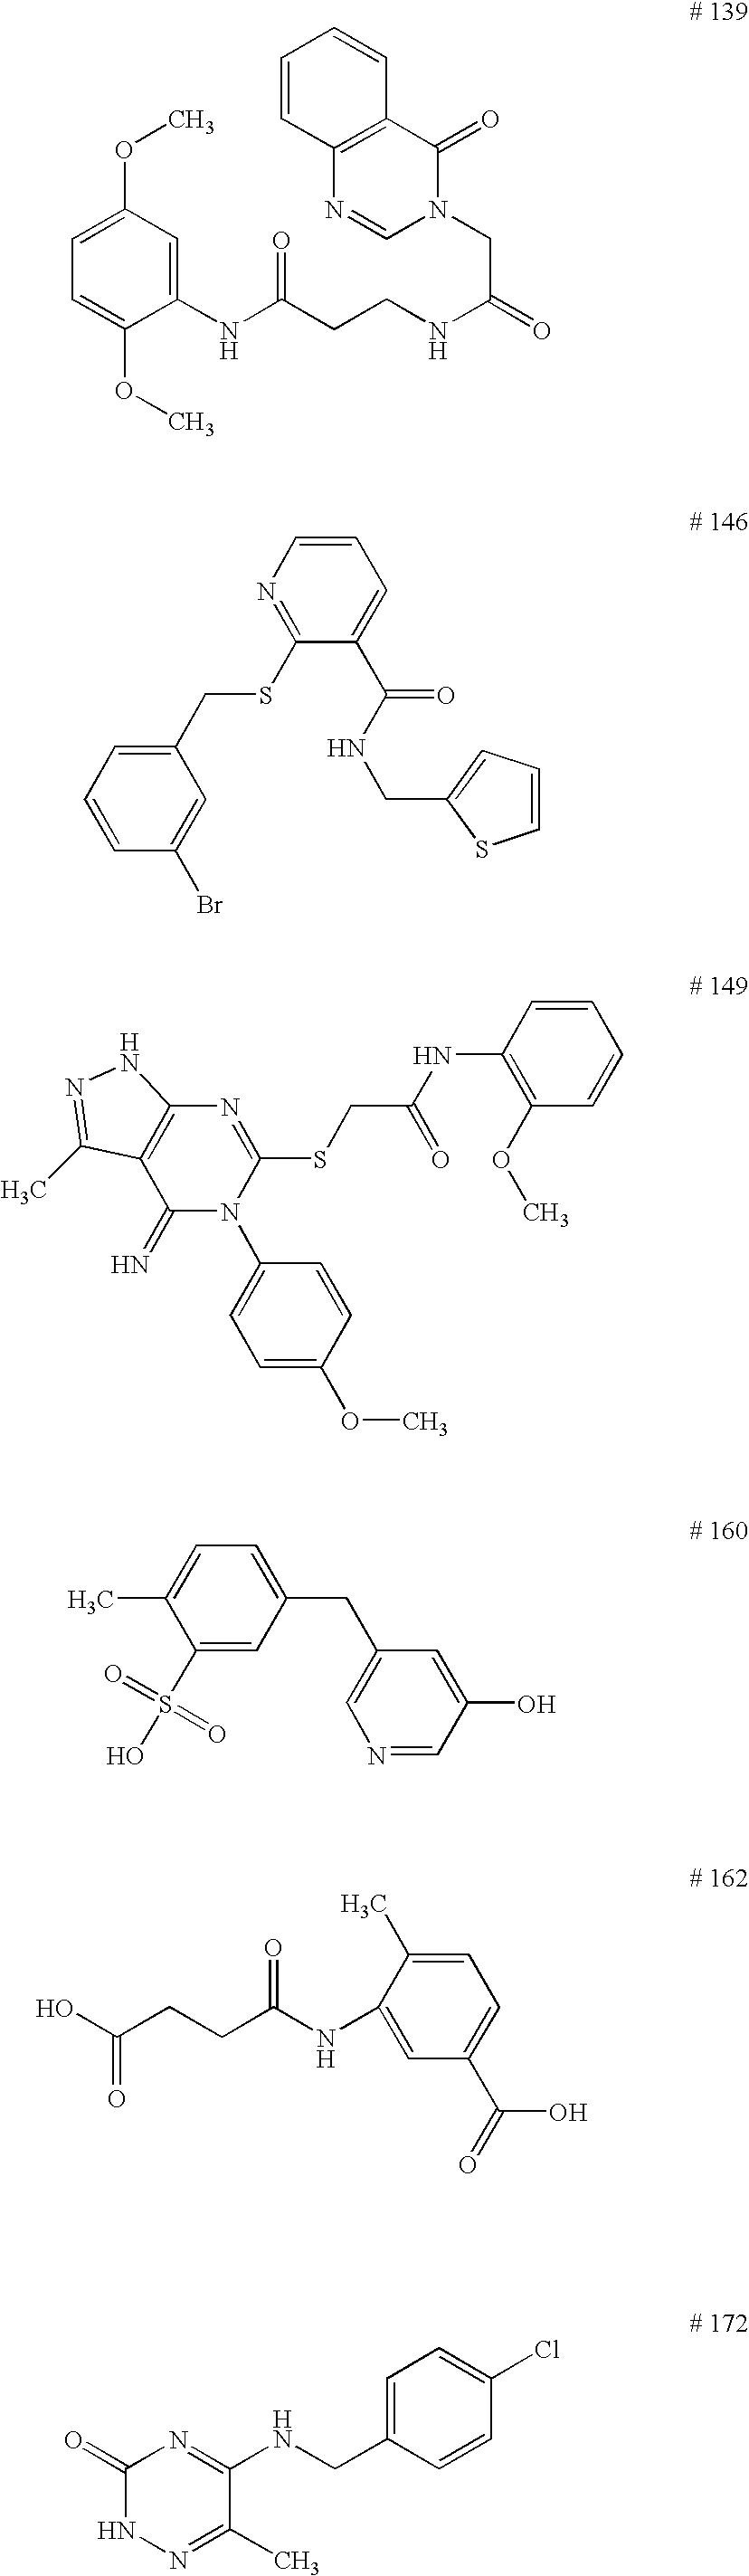 Figure US20070196395A1-20070823-C00170